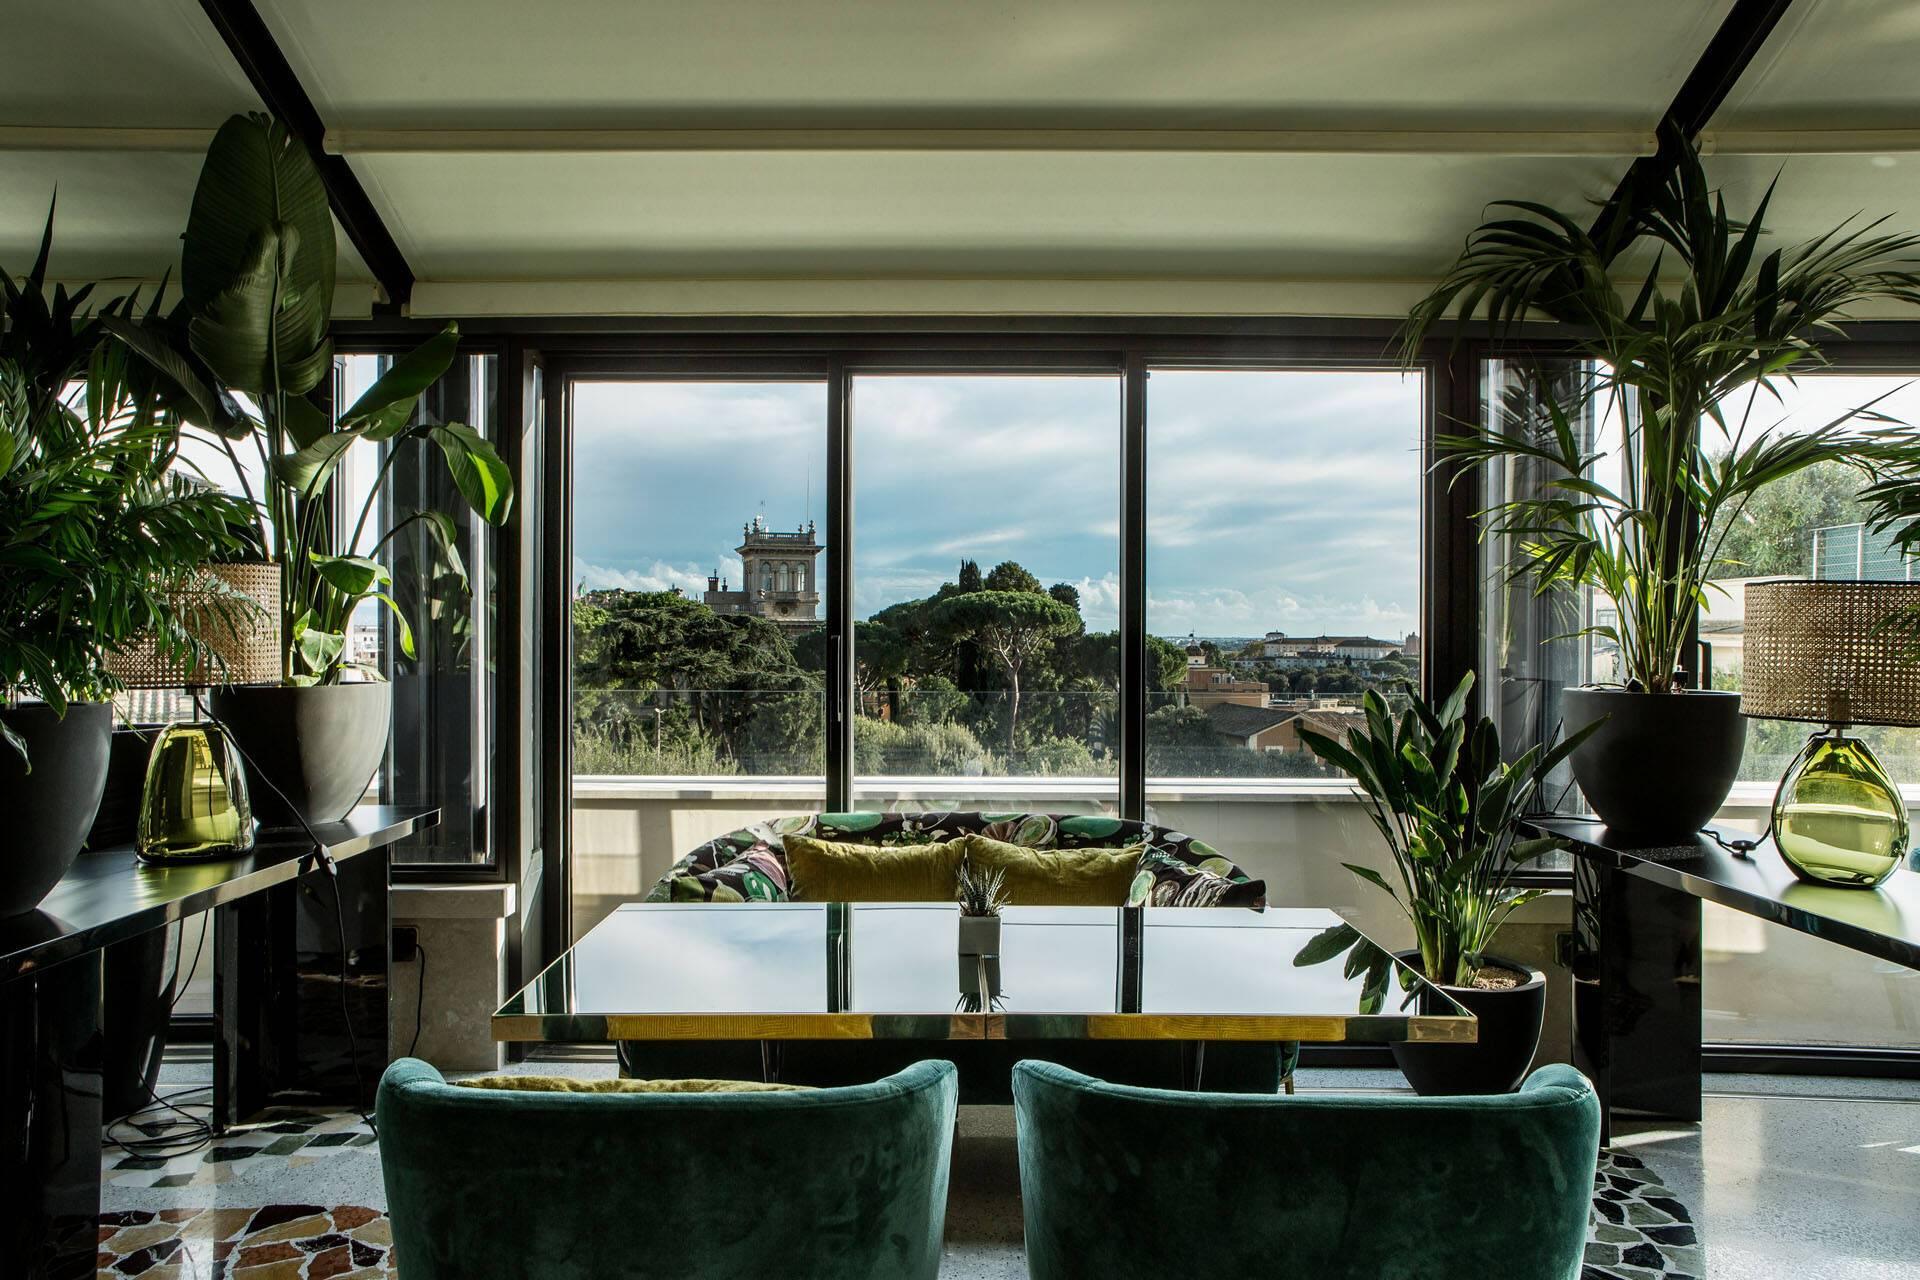 Sofitel Villa Borghese Rome Settimo Restaurant Vue